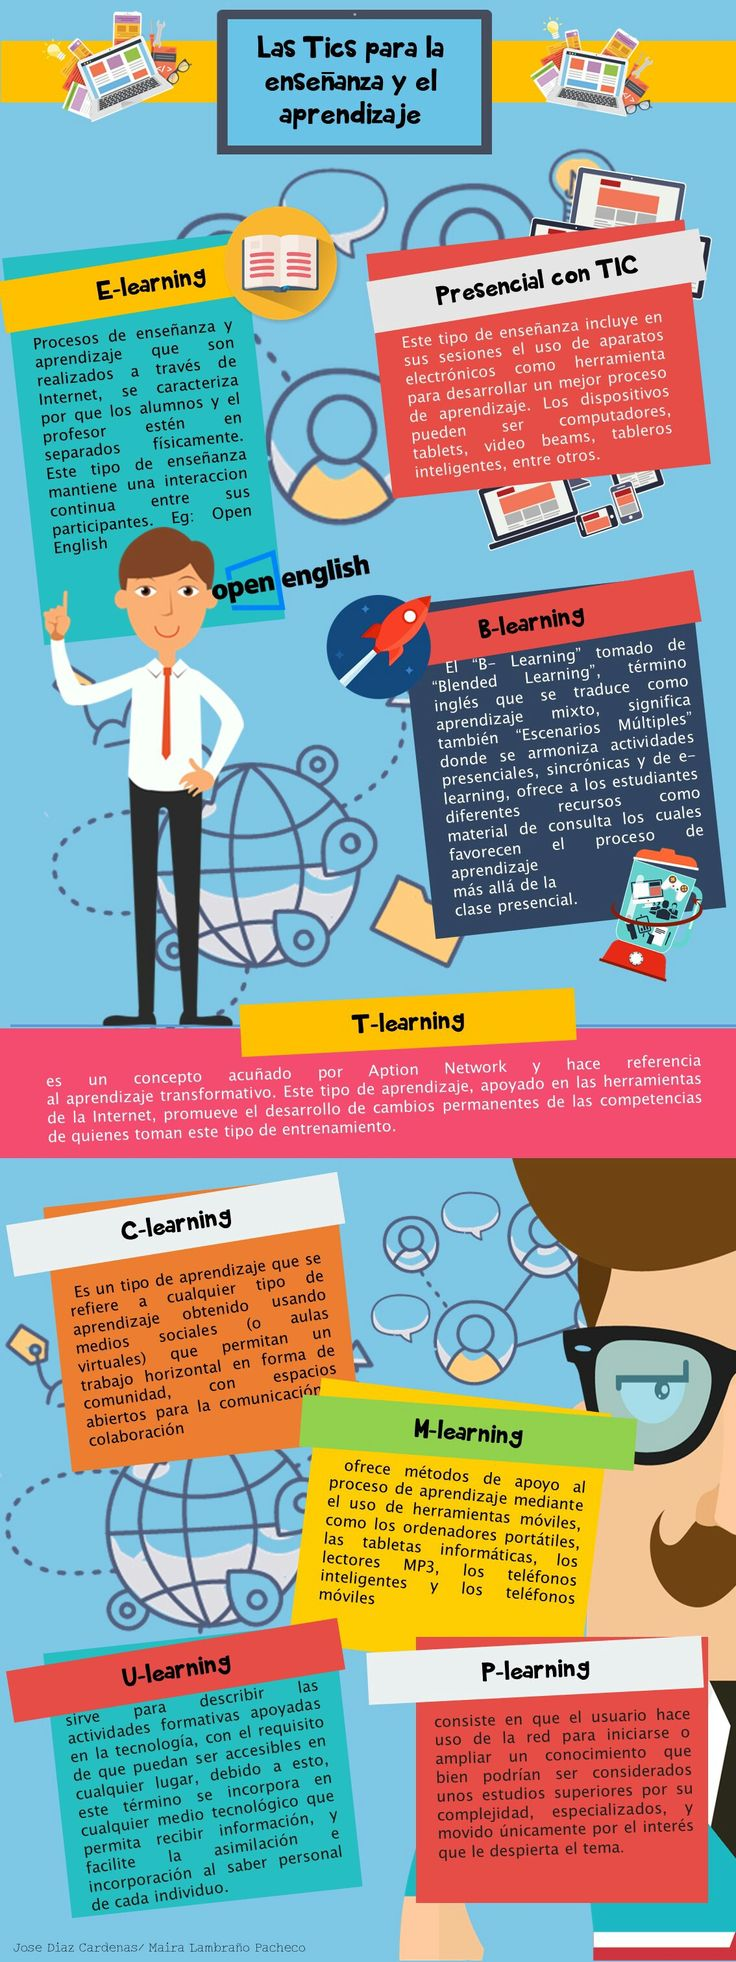 Las Tics para la enseñanza y el aprendizaje